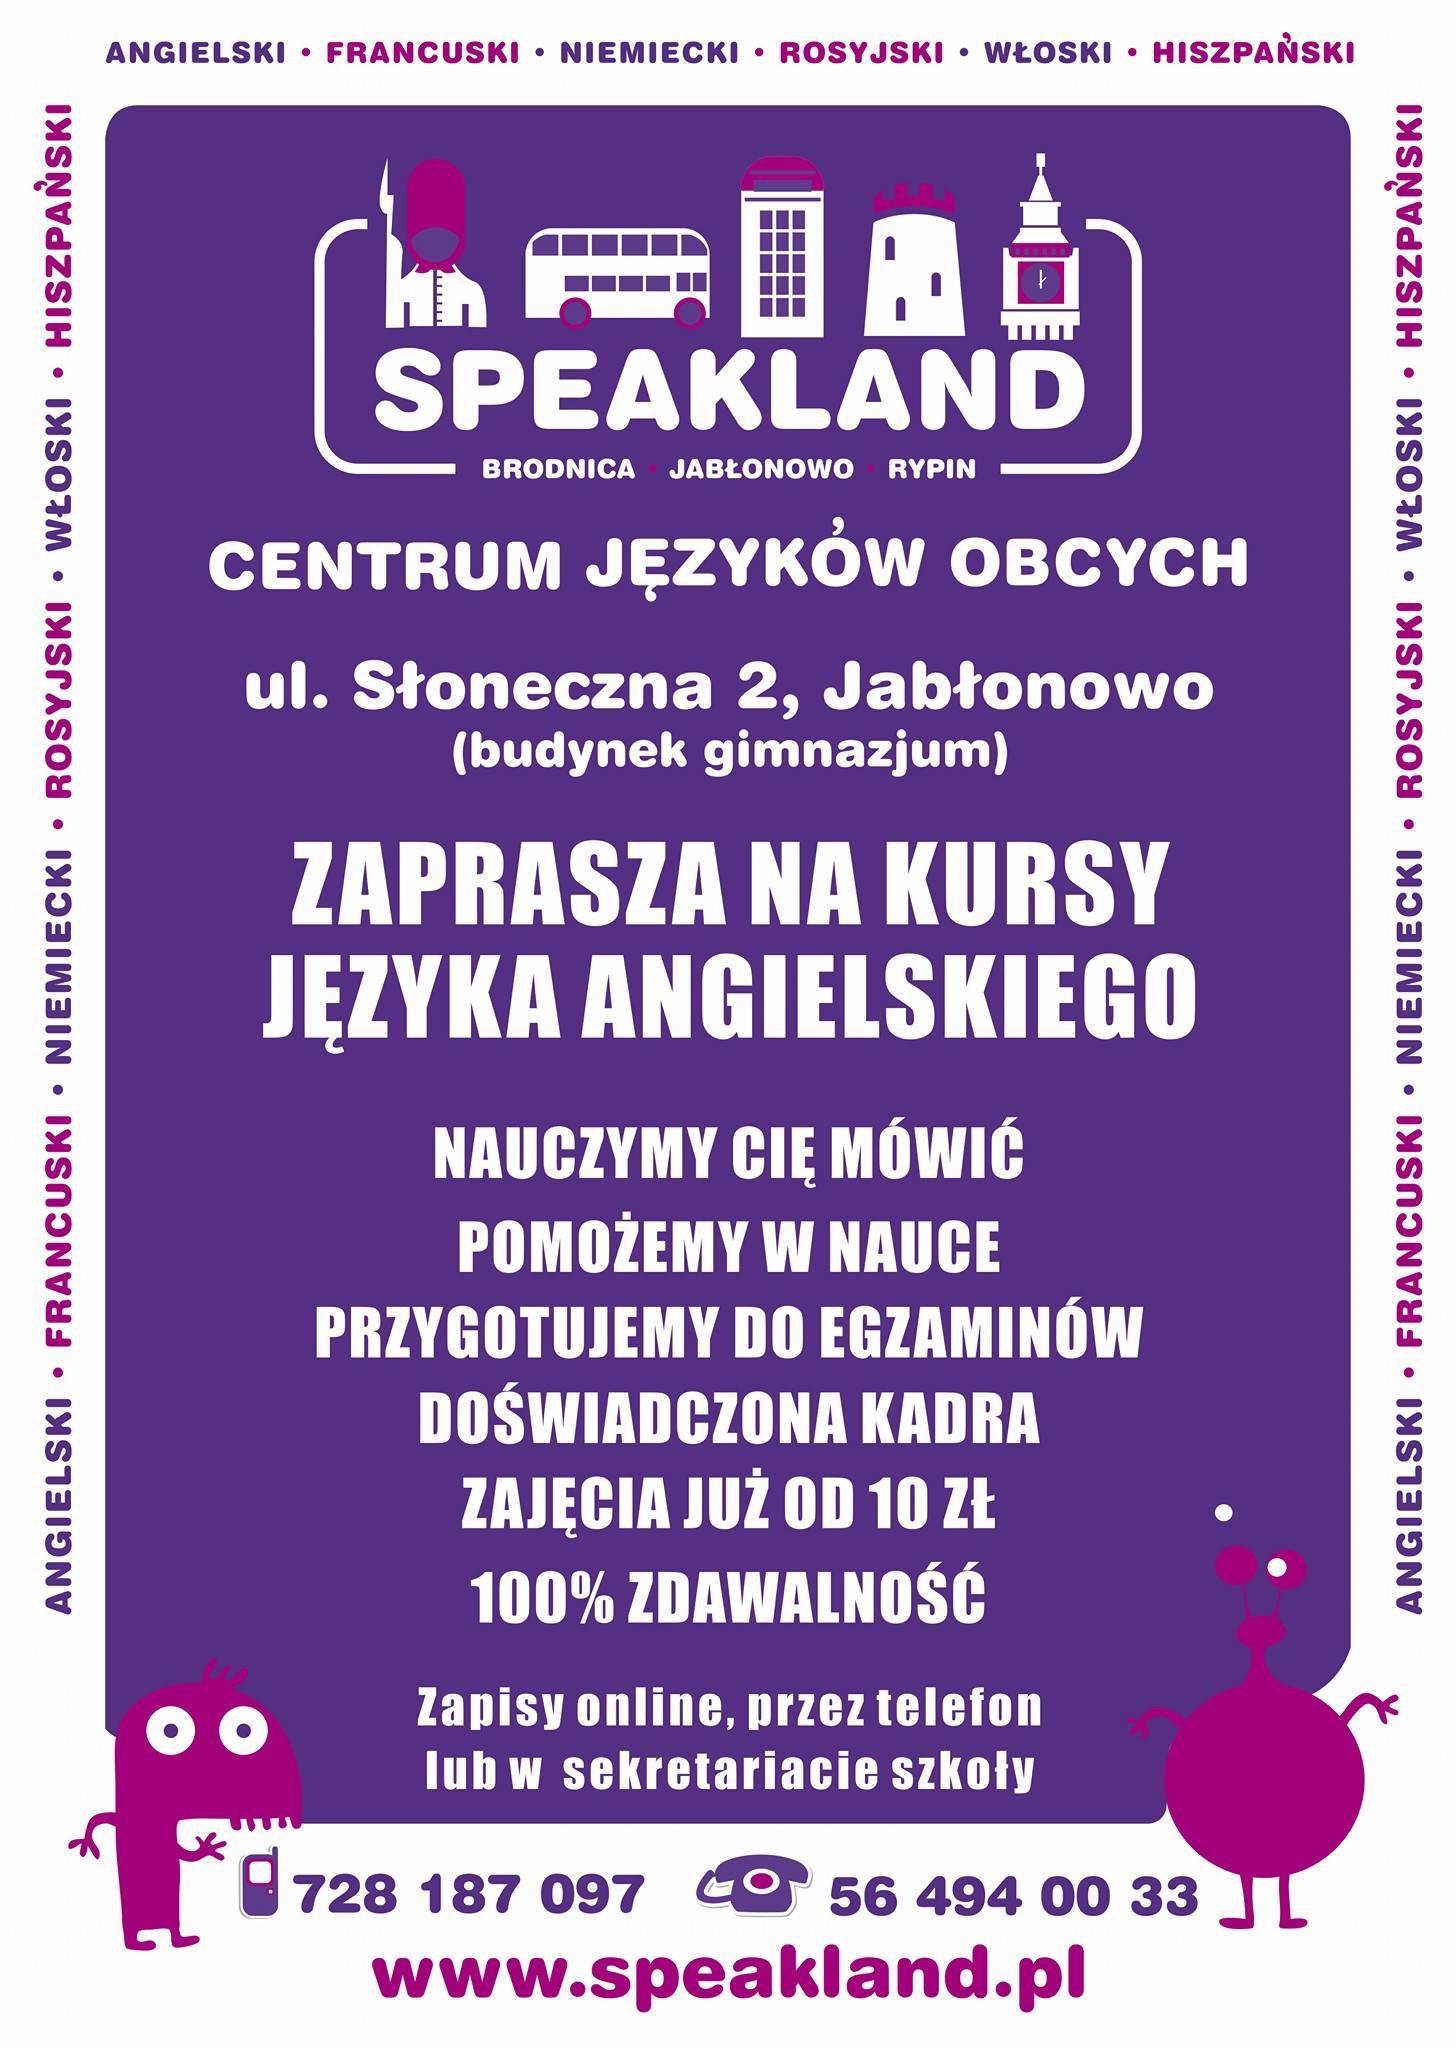 Speakland Szkoła Języków Obcych W Brodnicy